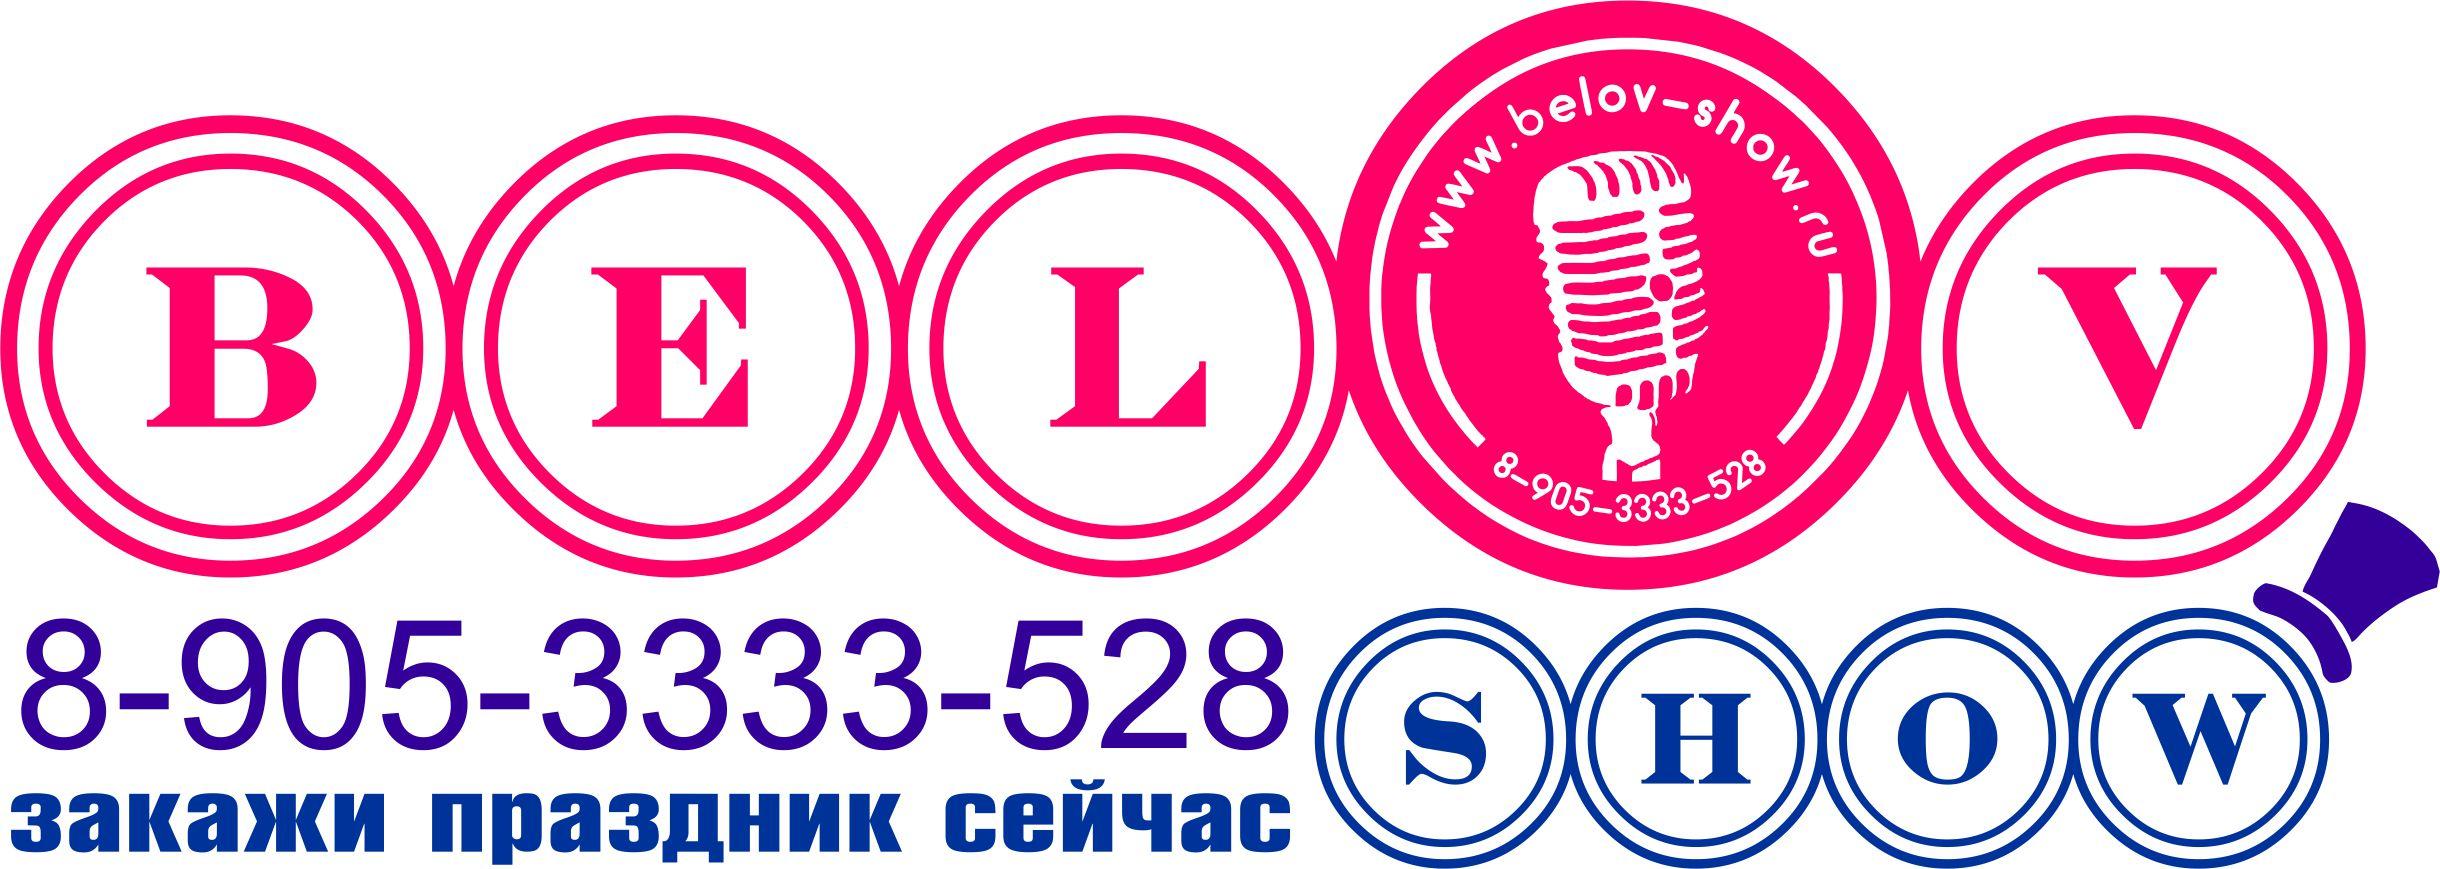 BELOV SHOW